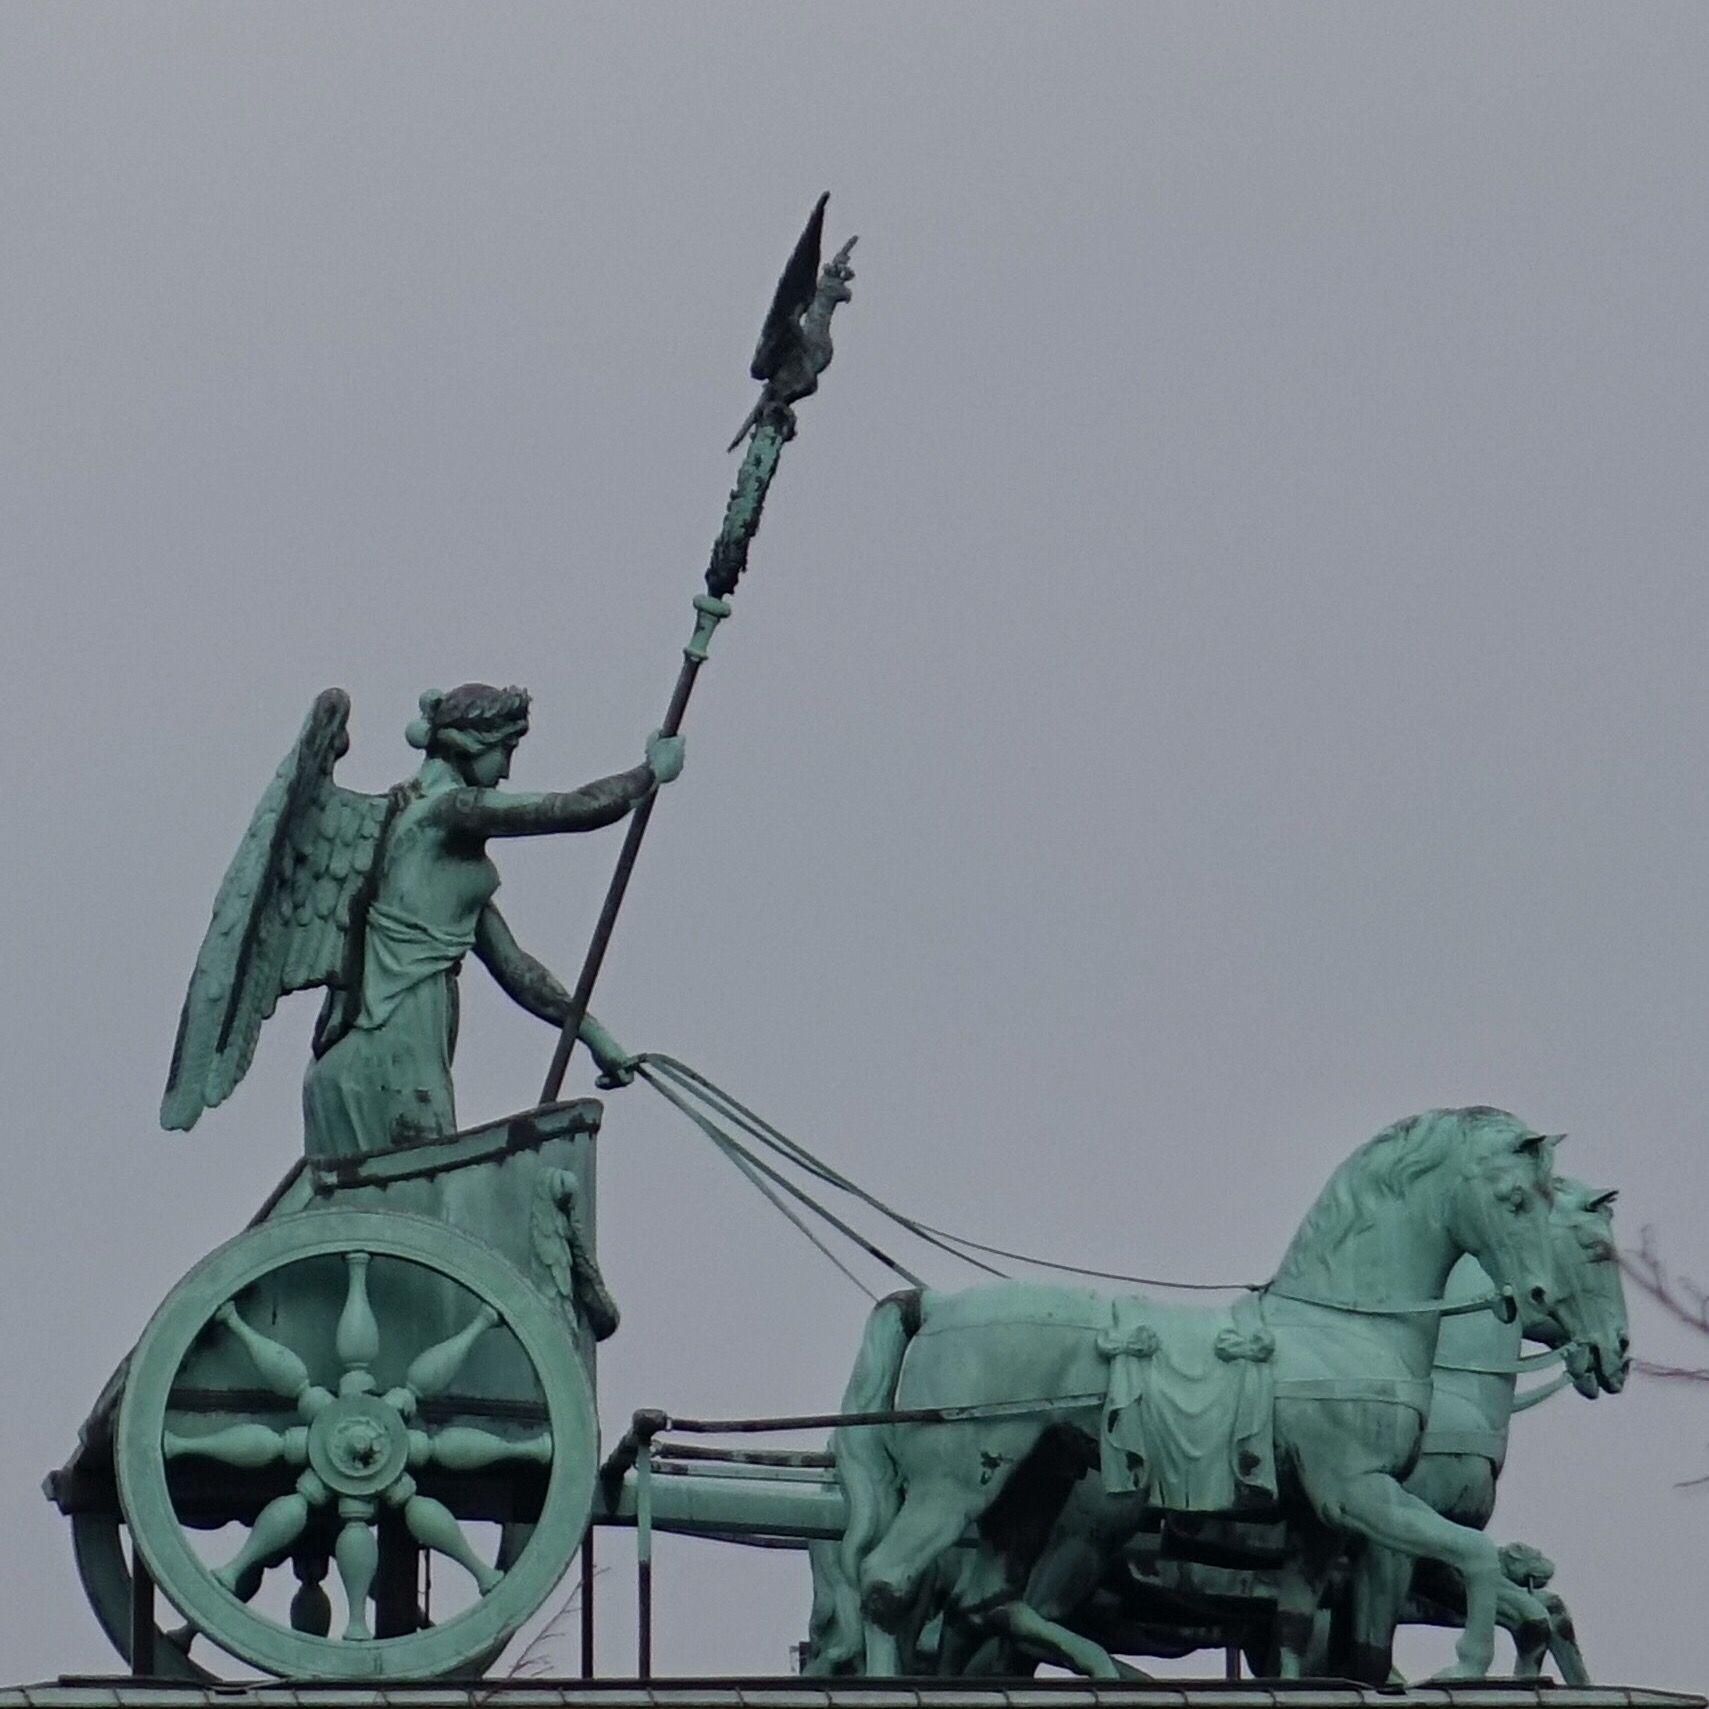 Berlin Deutschland Quadriga Auf Dem Brandenburger Tor Berlin Brandenburger Tor Deutschland